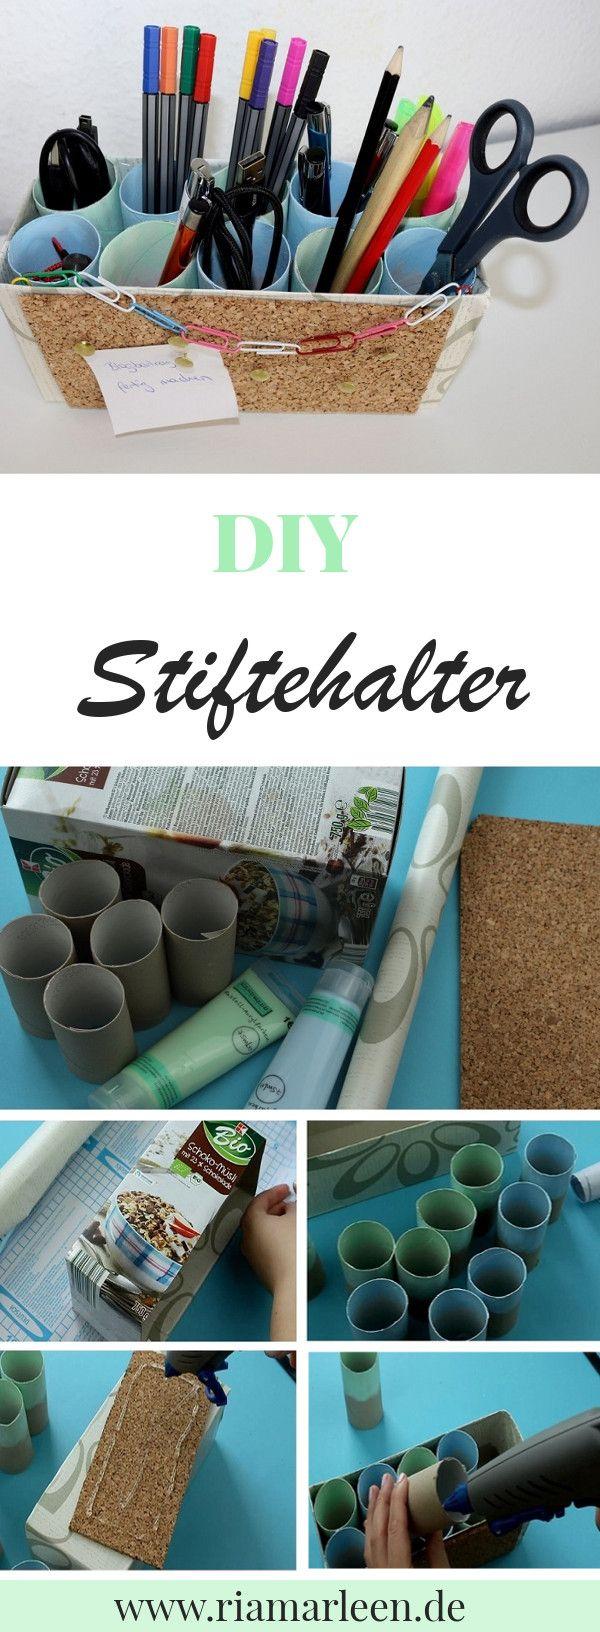 diy stiftehalter mit integrierter pinnwand selber machen diy deko pinterest schreibtisch. Black Bedroom Furniture Sets. Home Design Ideas